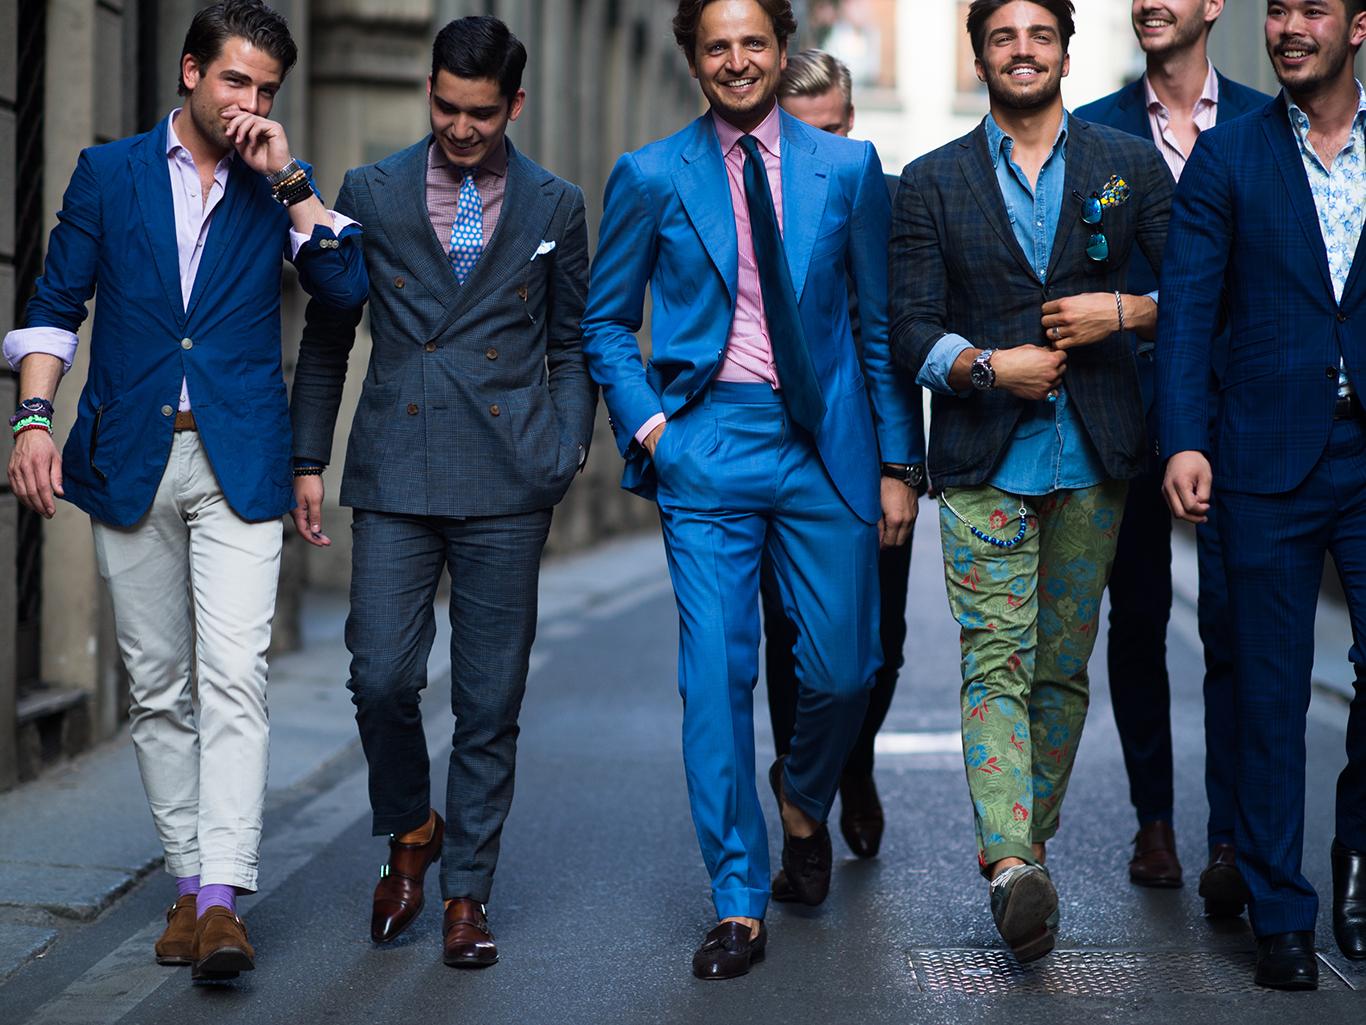 548d2c85cd6 Варианты стильных комбинаций одежды для мужчин - Мужская мода - Мода ...